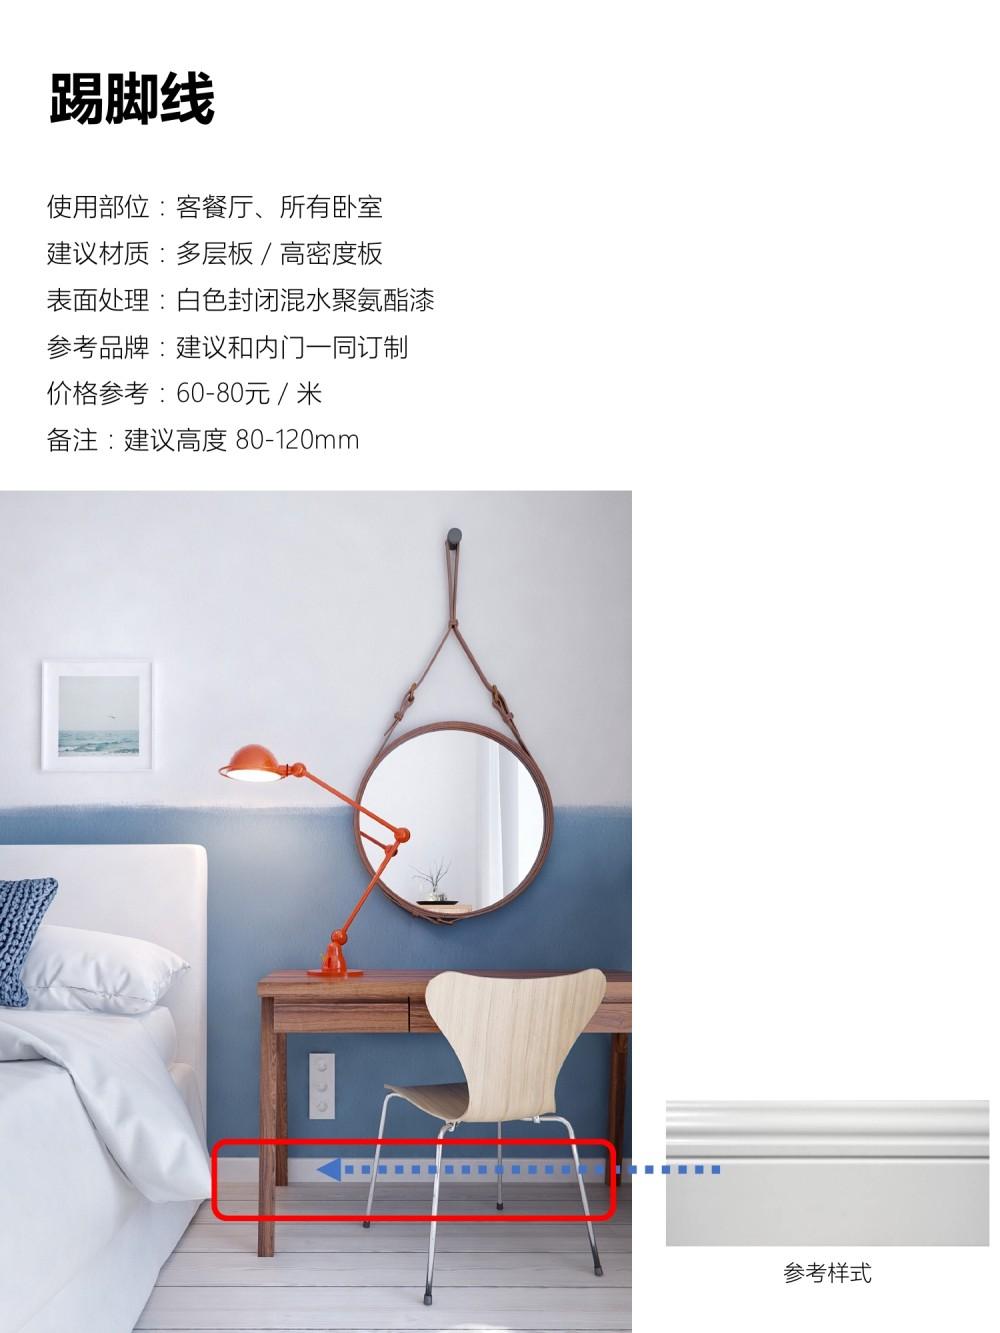 【指导手册】现代北欧风格DIY手册PDF+JPG 93P丨170M丨_13.jpg